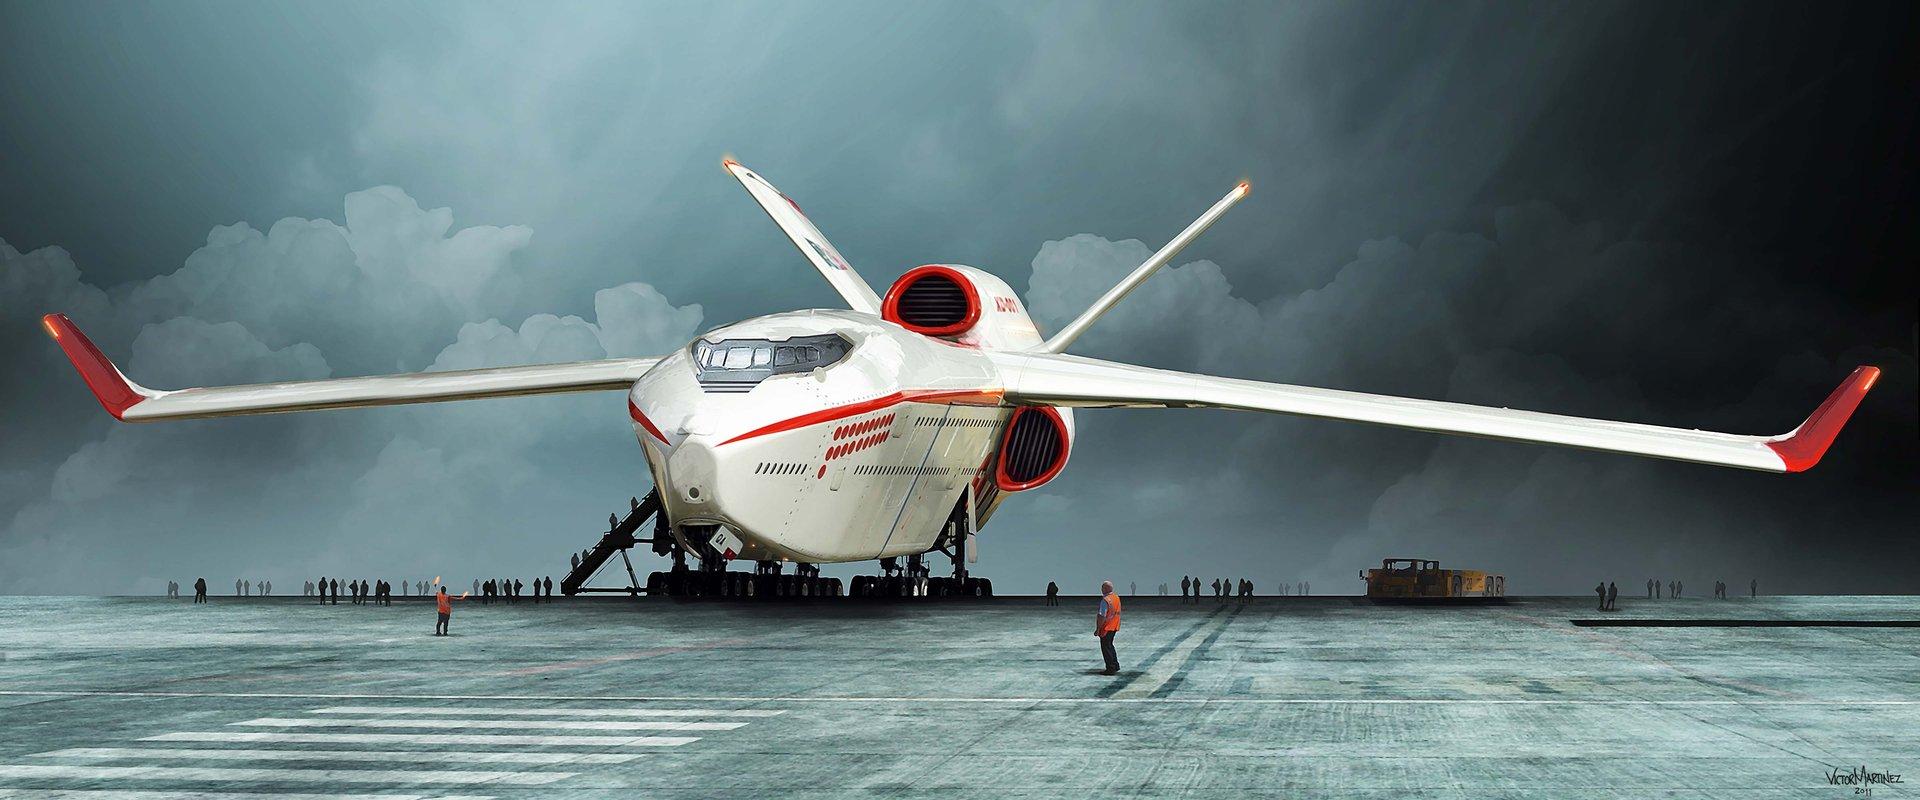 Victor martinez airliner01 v02 041811 vm